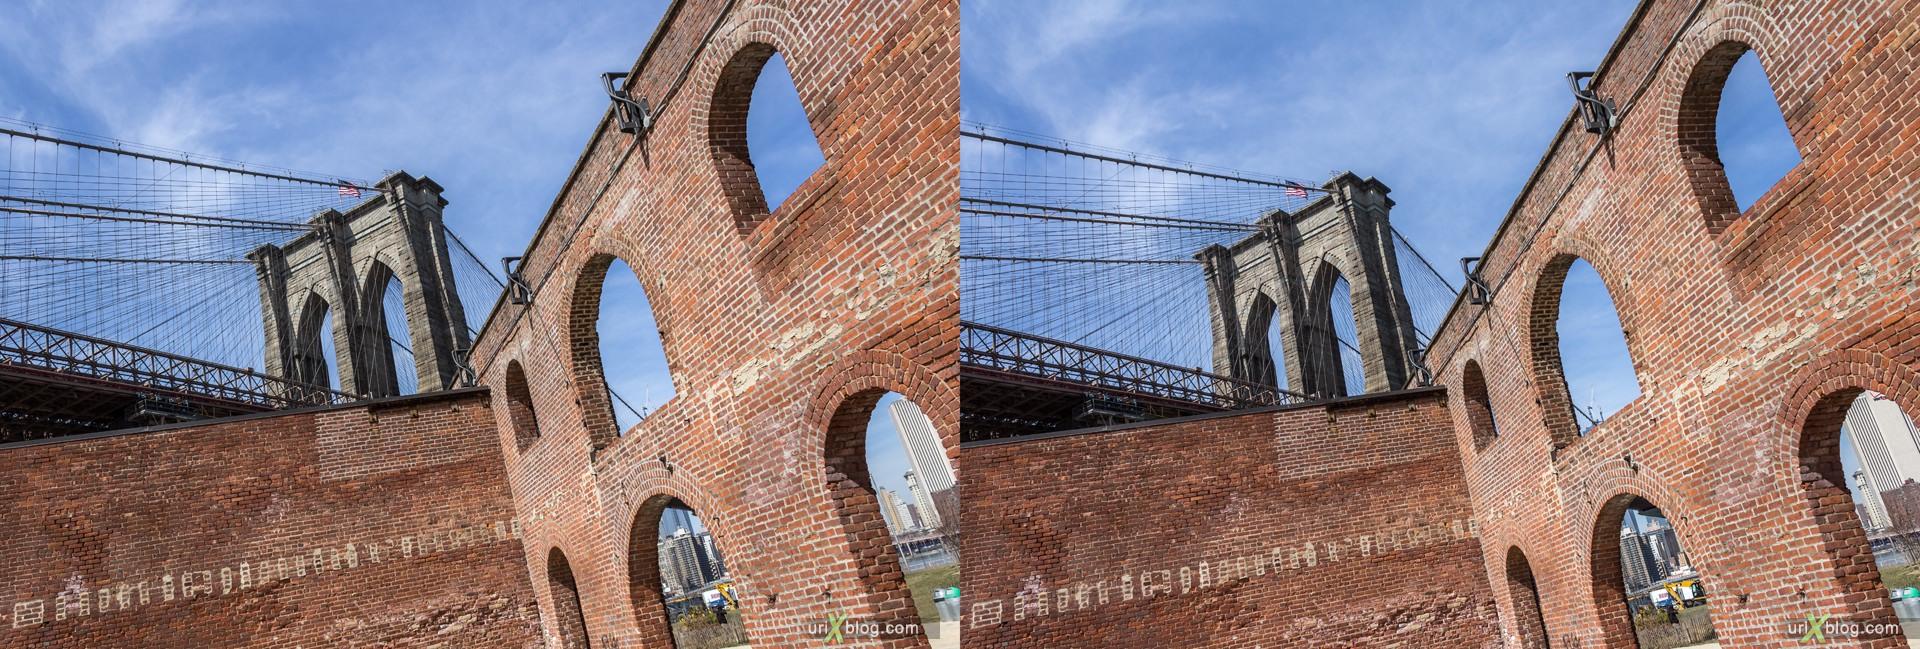 2013, Бруклин, Нью-Йорк, США, 3D, перекрёстные стереопары, стерео, стереопара, стереопары